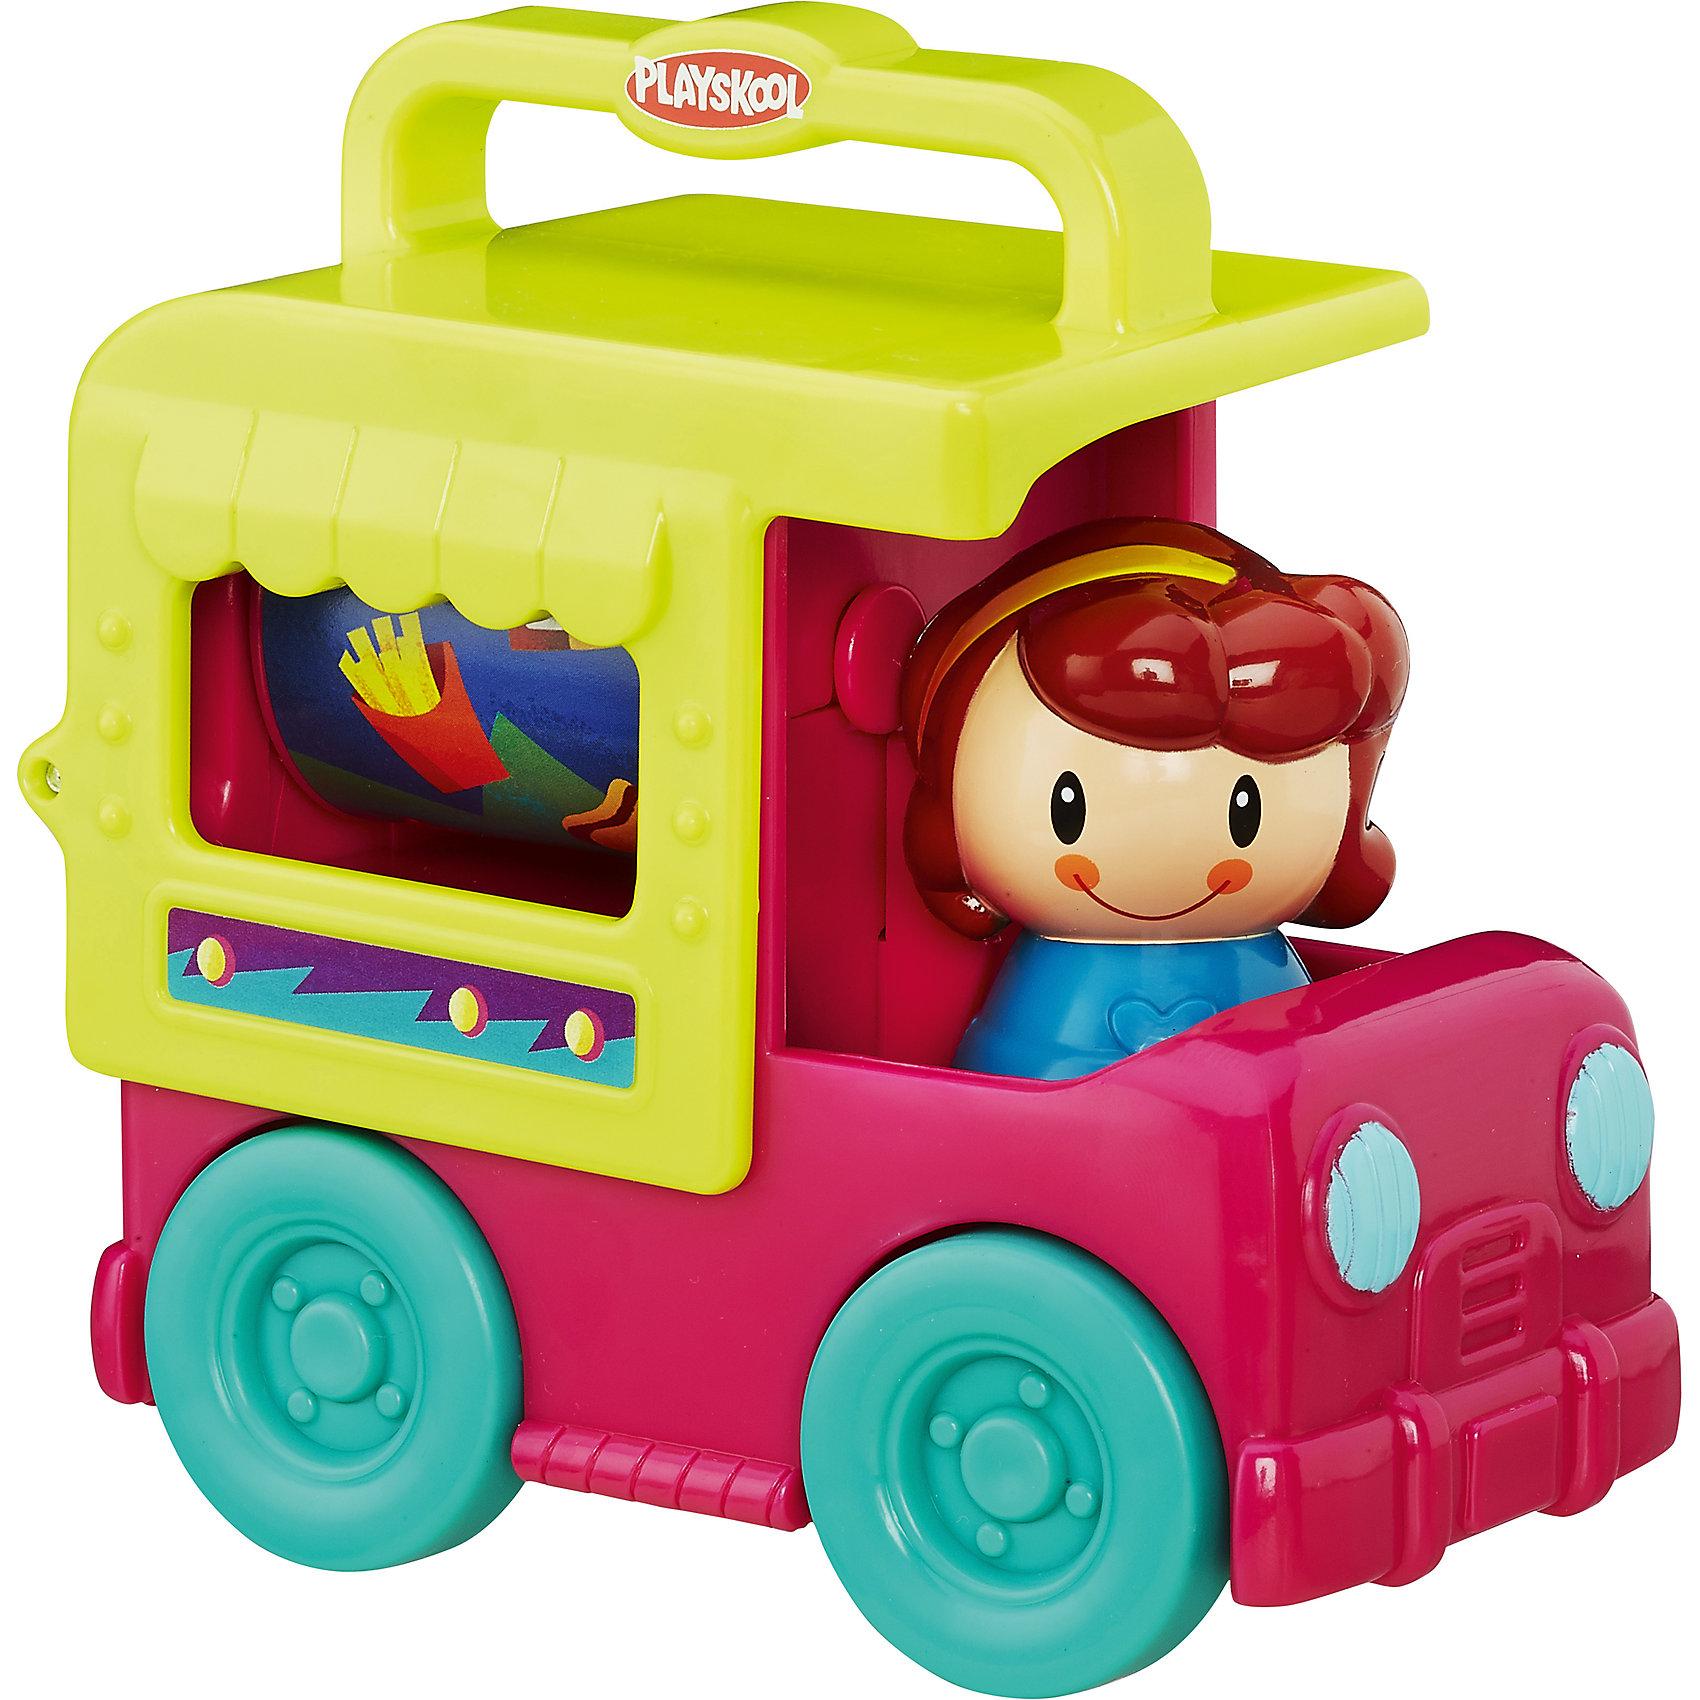 Грузовичок сложи и кати, возьми с собой,  PLAYSKOOL, малиновыйХарактеристики игрушки:<br><br>• Предназначение: для сюжетно-ролевых и подвижных игр<br>• Пол: для девочки<br>• Цвет: малиновый, желтый, бирюзовый<br>• Материал: пластик<br>• Комплектация: грузовик, фигурка девочки, вращающийся барабан в кузове<br>• Вес: 218 гр.<br>• Размеры: 12*7*11 см<br><br>Грузовичок сложи и кати, возьми с собой,  PLAYSKOOL, малиновый может по праву стать первой и любимой машинкой вашей малышки.  Грузовичок выполнен в ярком красочном дизайне, в кабине имеется съемная фигурка девочки, в кузове – вращающийся со звуком барабан. Колеса у игрушки широкие и прочные, легко катаются по любой поверхности, на кузове имеется ручка, которая позволяет переносить машинку в руках. Игрушка выполнена из экологически безопасного материала – пластика, все детали окрашены экологически безопасными красками. <br><br>Грузовичок сложи и кати, возьми с собой,  PLAYSKOOL, малиновый подарит не только увлекательные игры, но и позволит развивать у ребенка координацию движений, мелкую моторику рук, зрительное и слуховое восприятие. <br><br>Грузовичок сложи и кати, возьми с собой,  PLAYSKOOL, малиновый можно купить в нашем интернет-магазине.<br><br>Подробнее:<br>Для детей в возрасте: от 1 года и до 3 лет<br>Номер товара: 4792809<br>Страна производитель: Китай<br><br>Ширина мм: 70<br>Глубина мм: 117<br>Высота мм: 121<br>Вес г: 249<br>Возраст от месяцев: 12<br>Возраст до месяцев: 36<br>Пол: Унисекс<br>Возраст: Детский<br>SKU: 4792809